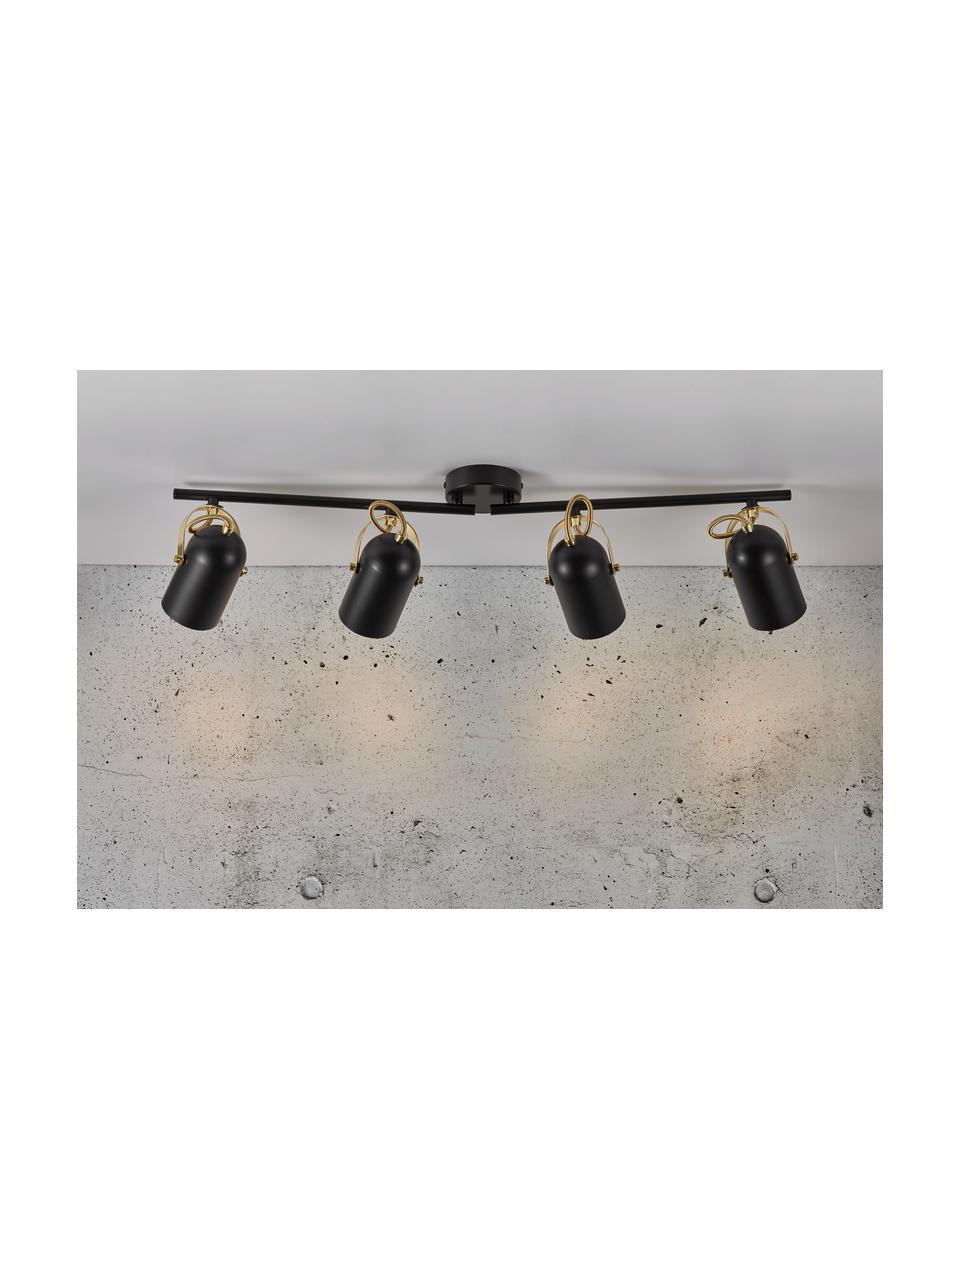 Großer Retro-Deckenstrahler Lotus, Lampenschirm: Metall, beschichtet, Schwarz, Messingfarben, 78 x 20 cm